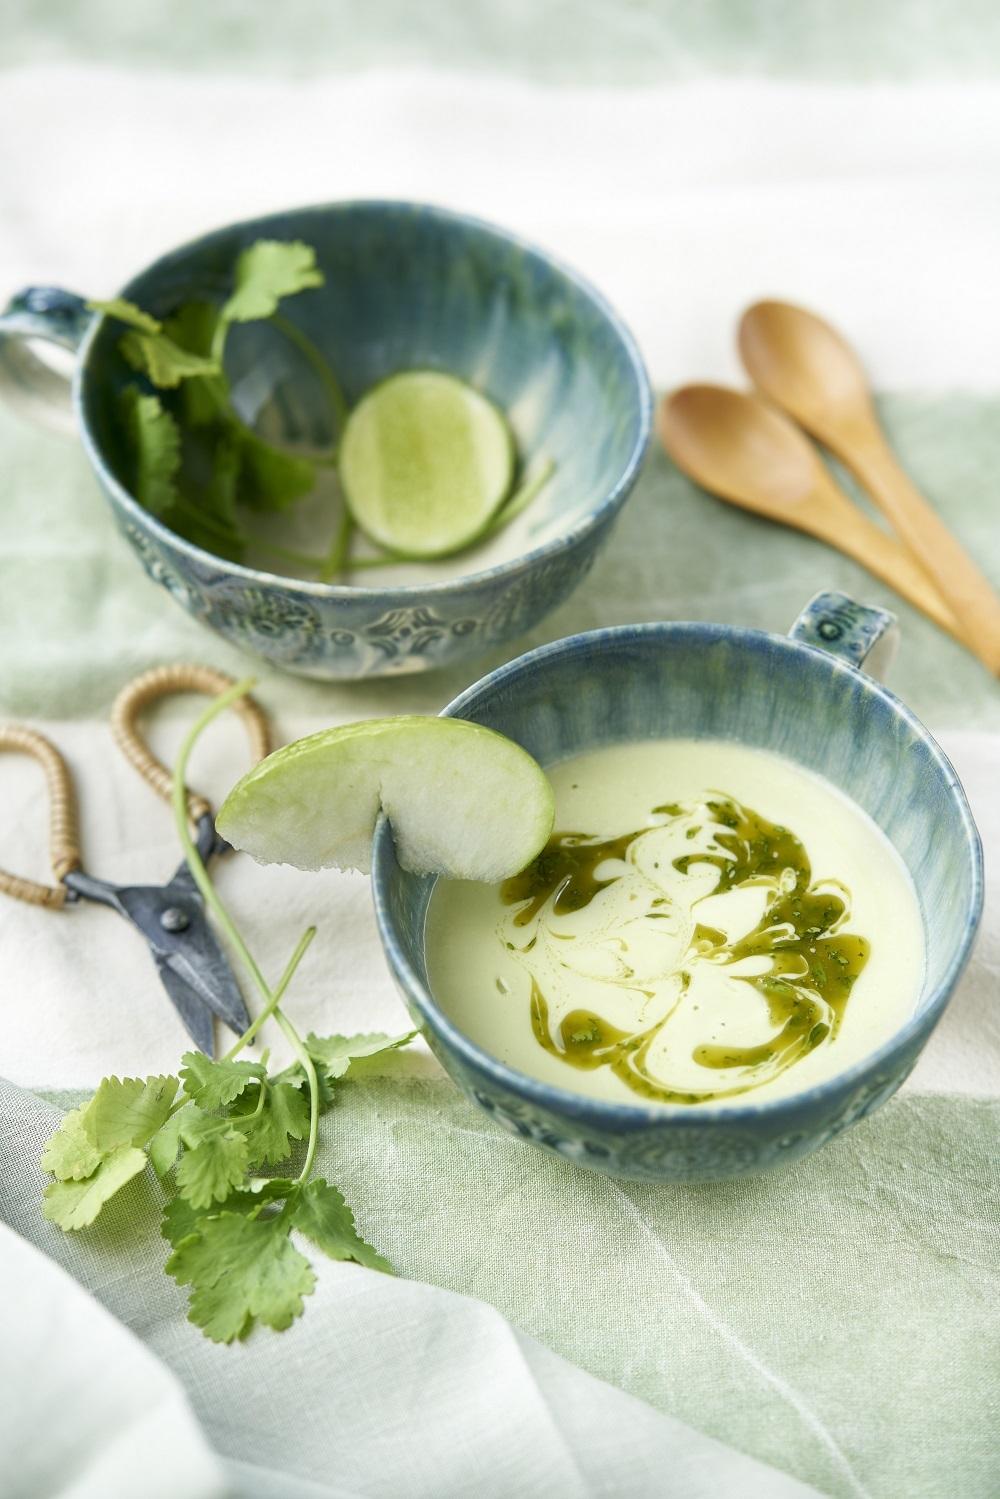 Smoothie verde efecto saciante con manzana, aguacate, lima y espinacas.